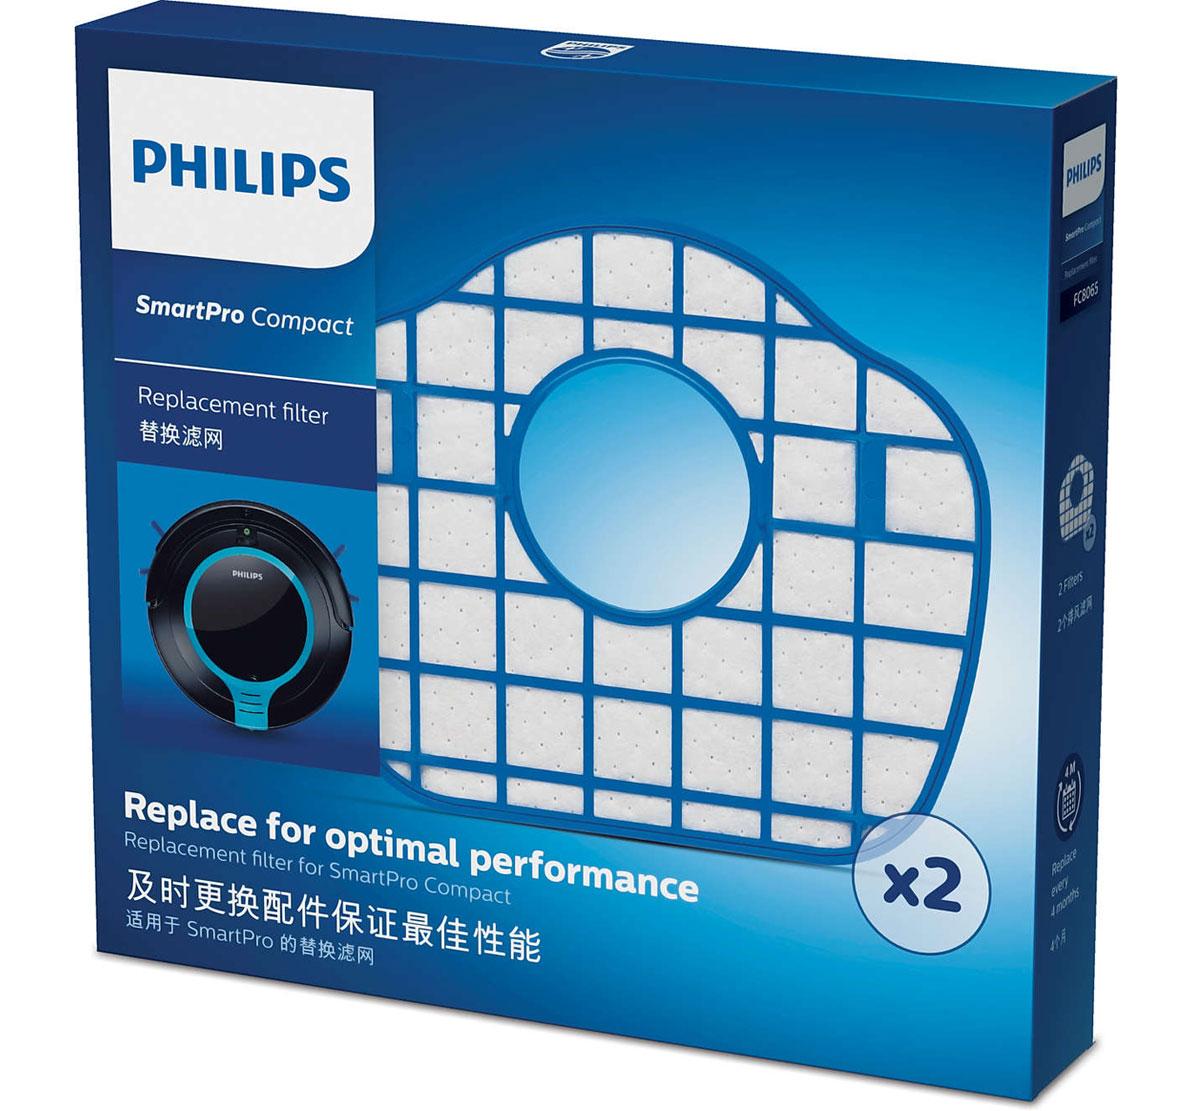 Philips FC8065/01 набор аксессуаров для робот-пылесосов SmartPro CompactFC8065/01В комплект Philips FC8065/01 входят 2 фильтра выходящего воздуха, каждый фильтр необходимо заменять один раз в четыре месяца для продления срока службы робота-пылесоса и поддержания оптимальной производительности.